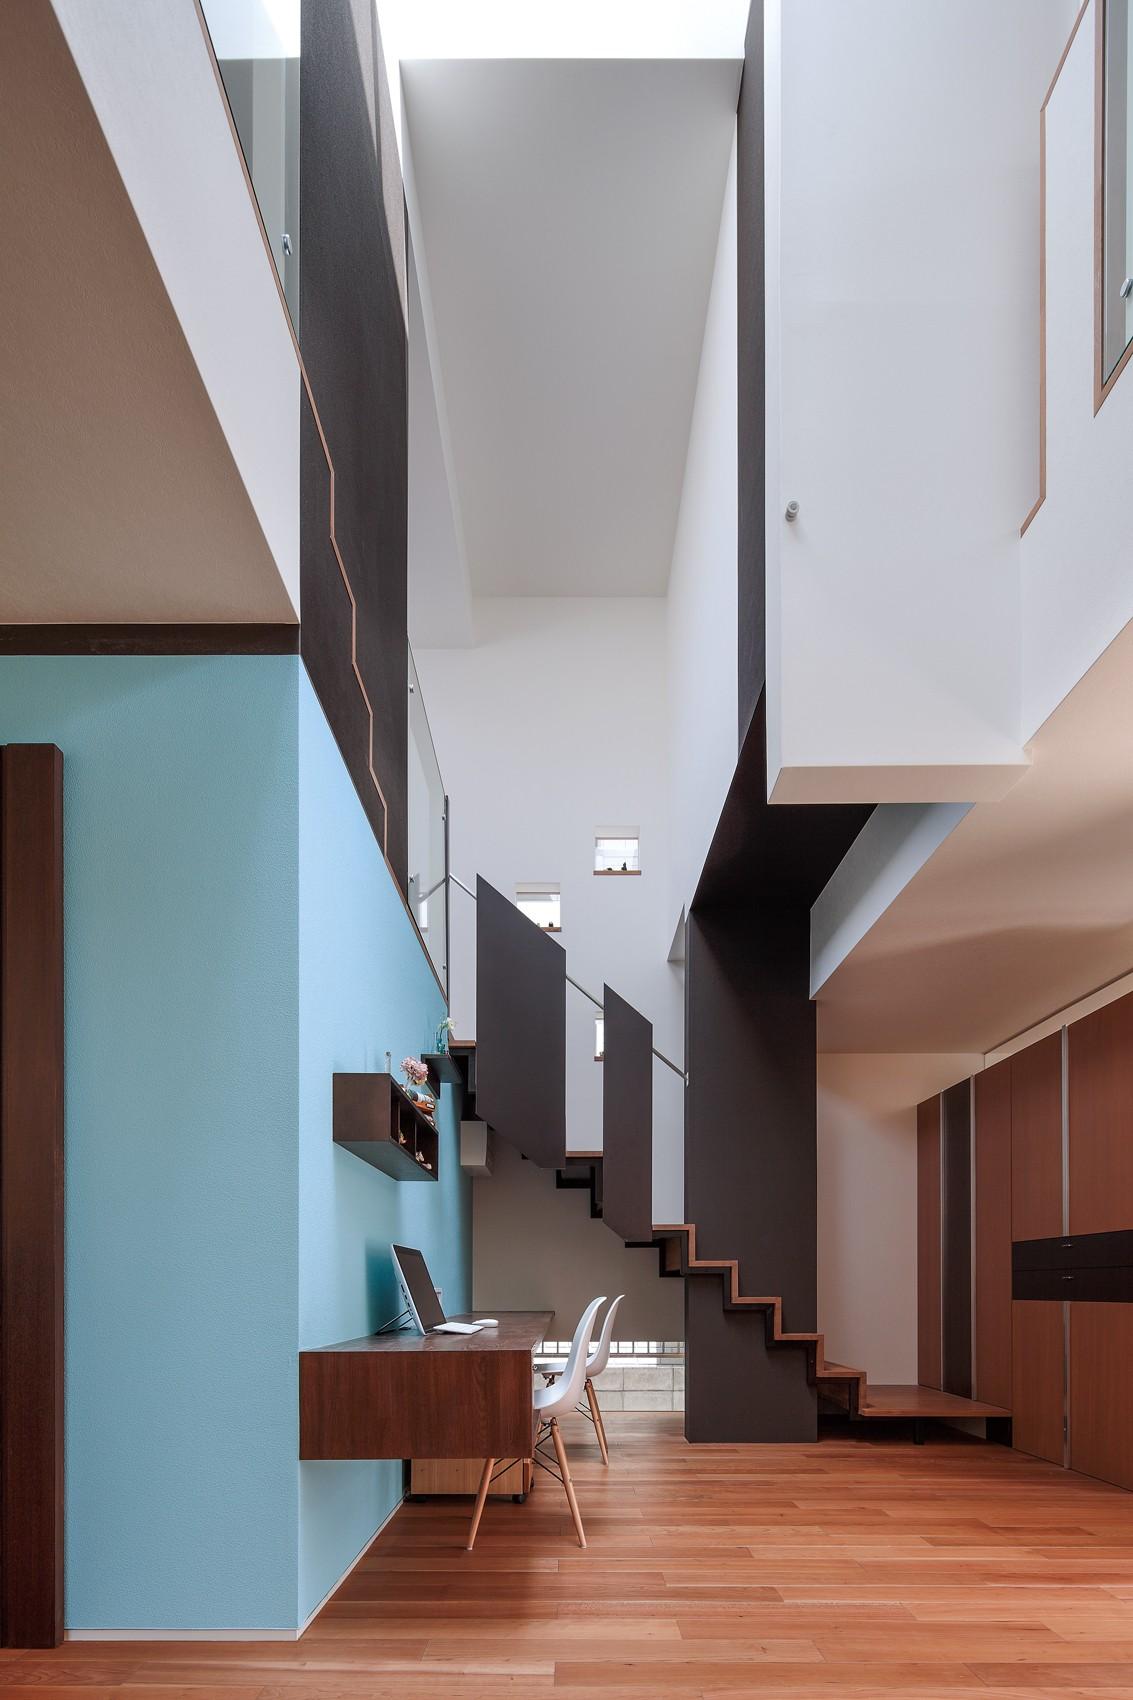 書斎事例:仕事場と吹抜(仕事場のある住まい あなたの場所・自分の居場所を創る みずみずしいブルーが印象的なWorking Space)